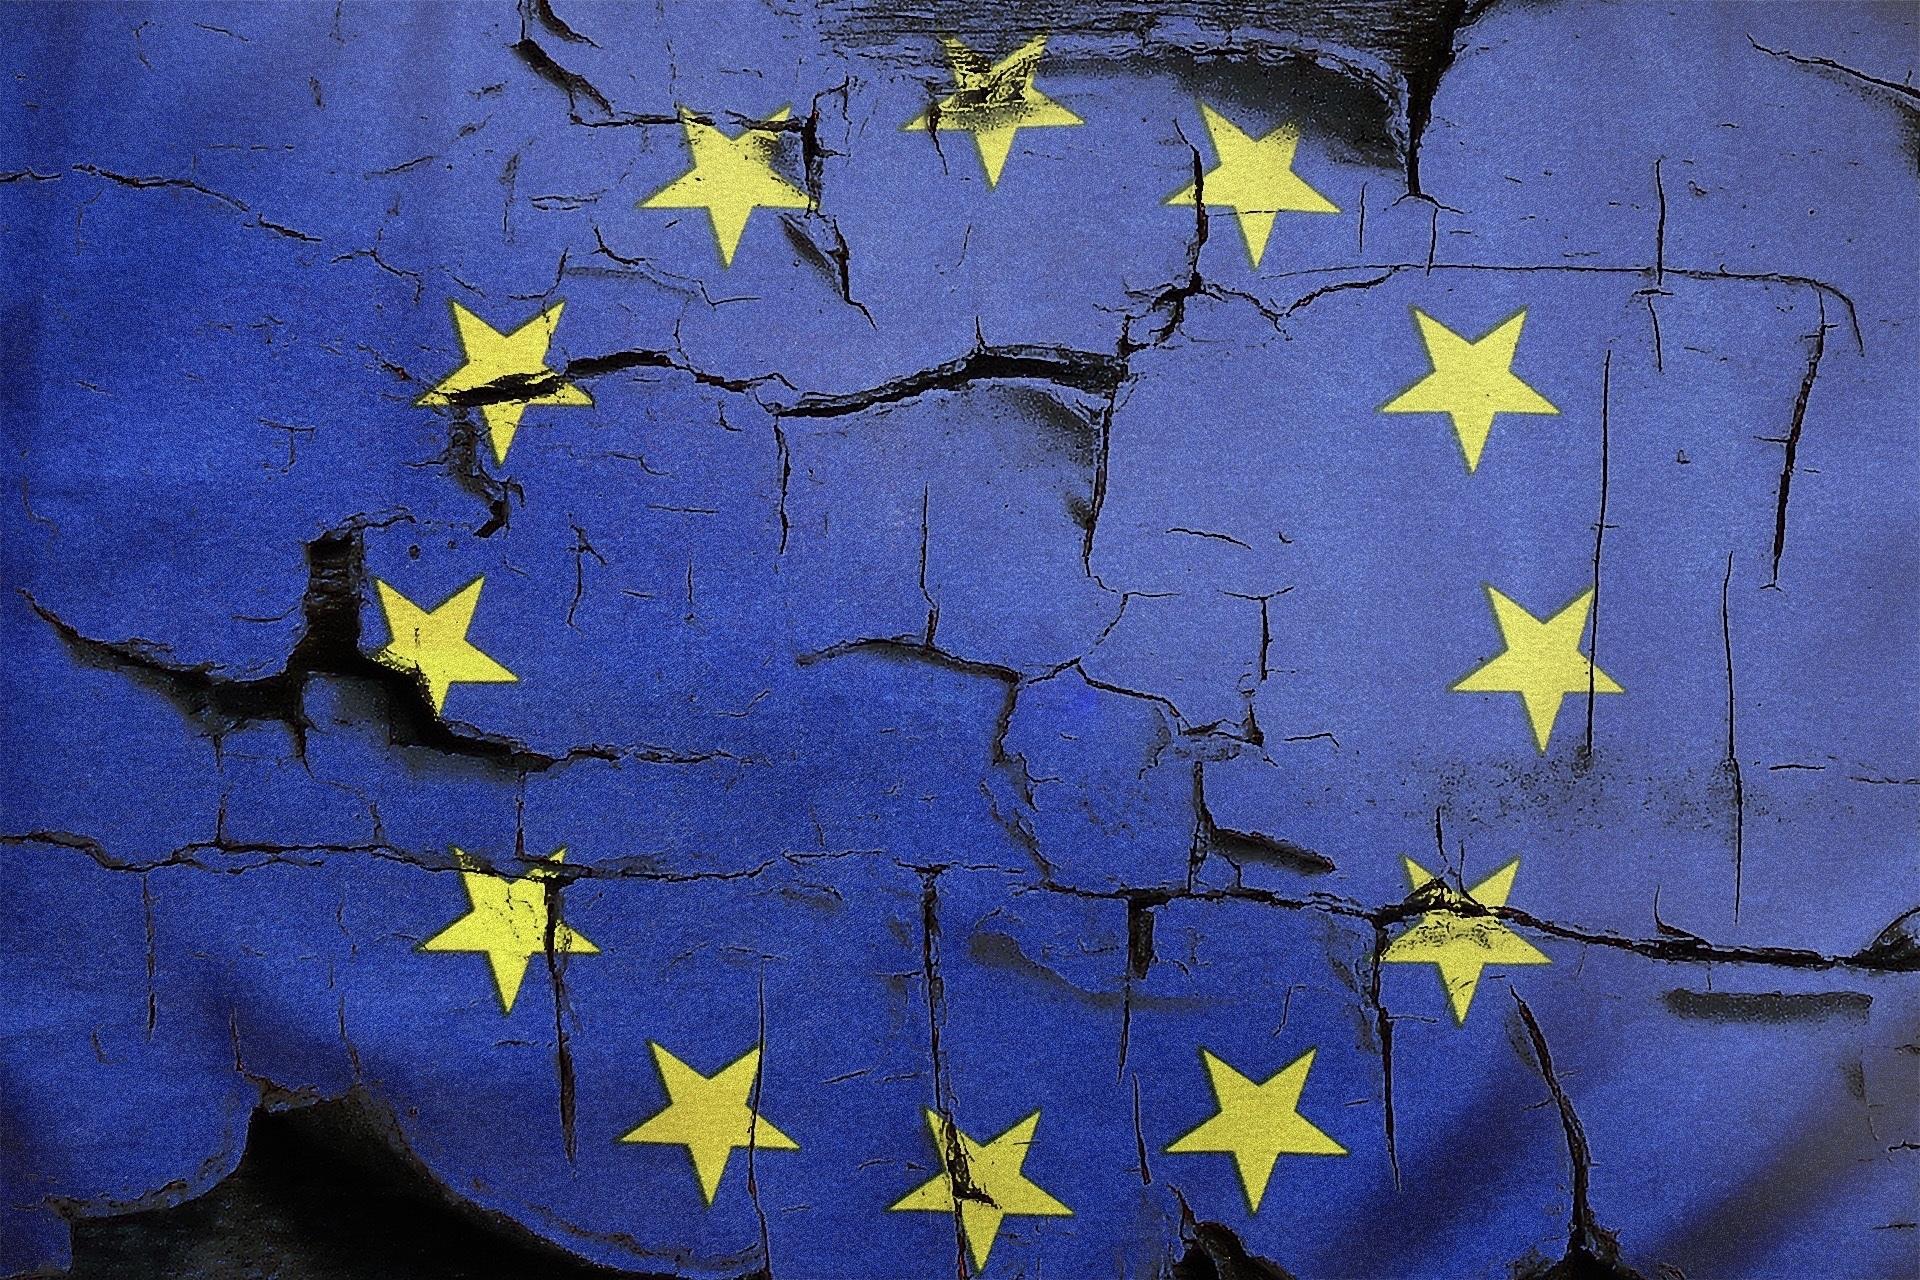 Bild: Flagge der Europäischen Union (EU)